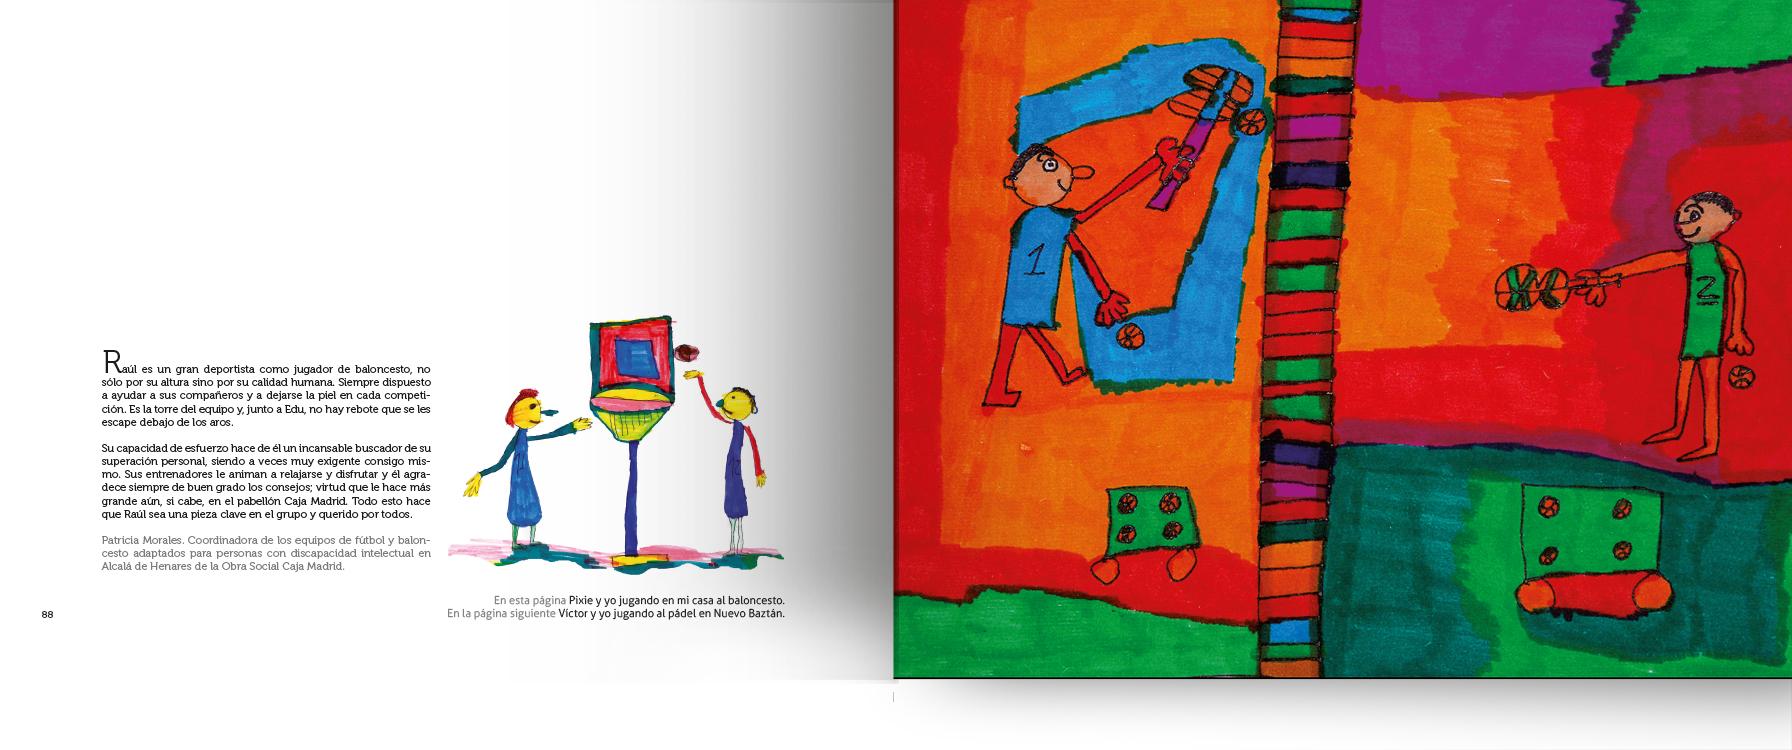 La-cabeza-del-rinoceronte-libro-de-arte-y-diversidad-funcional-2